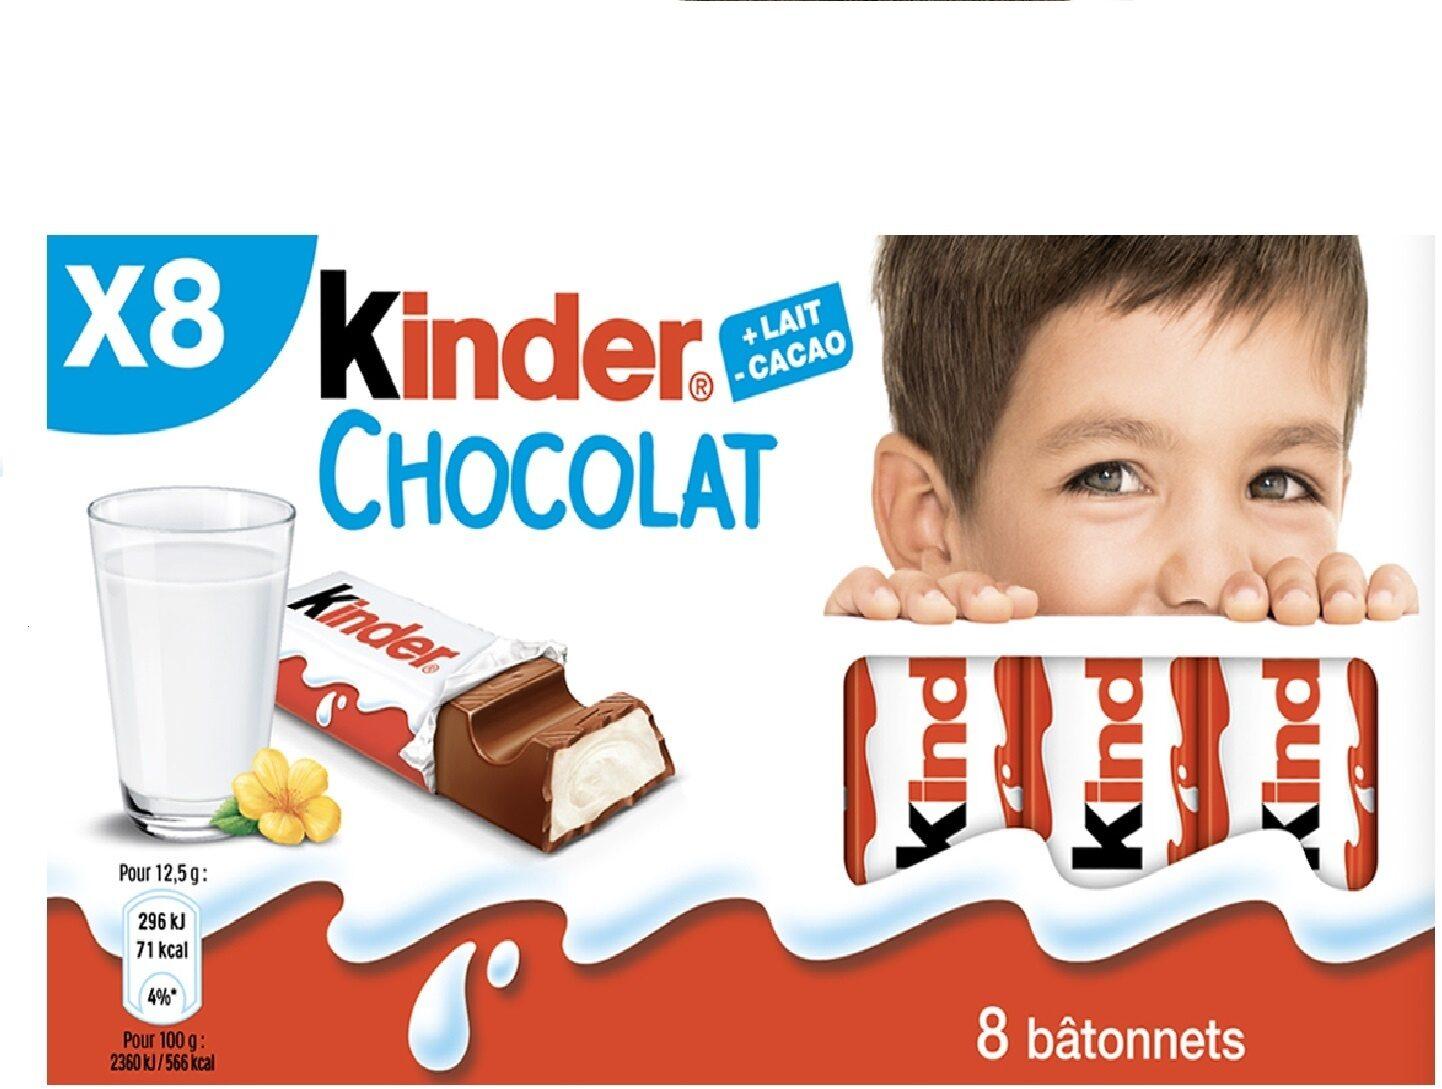 Kinder chocolat - chocolat au lait avec fourrage au lait 8 barres - Producto - fr